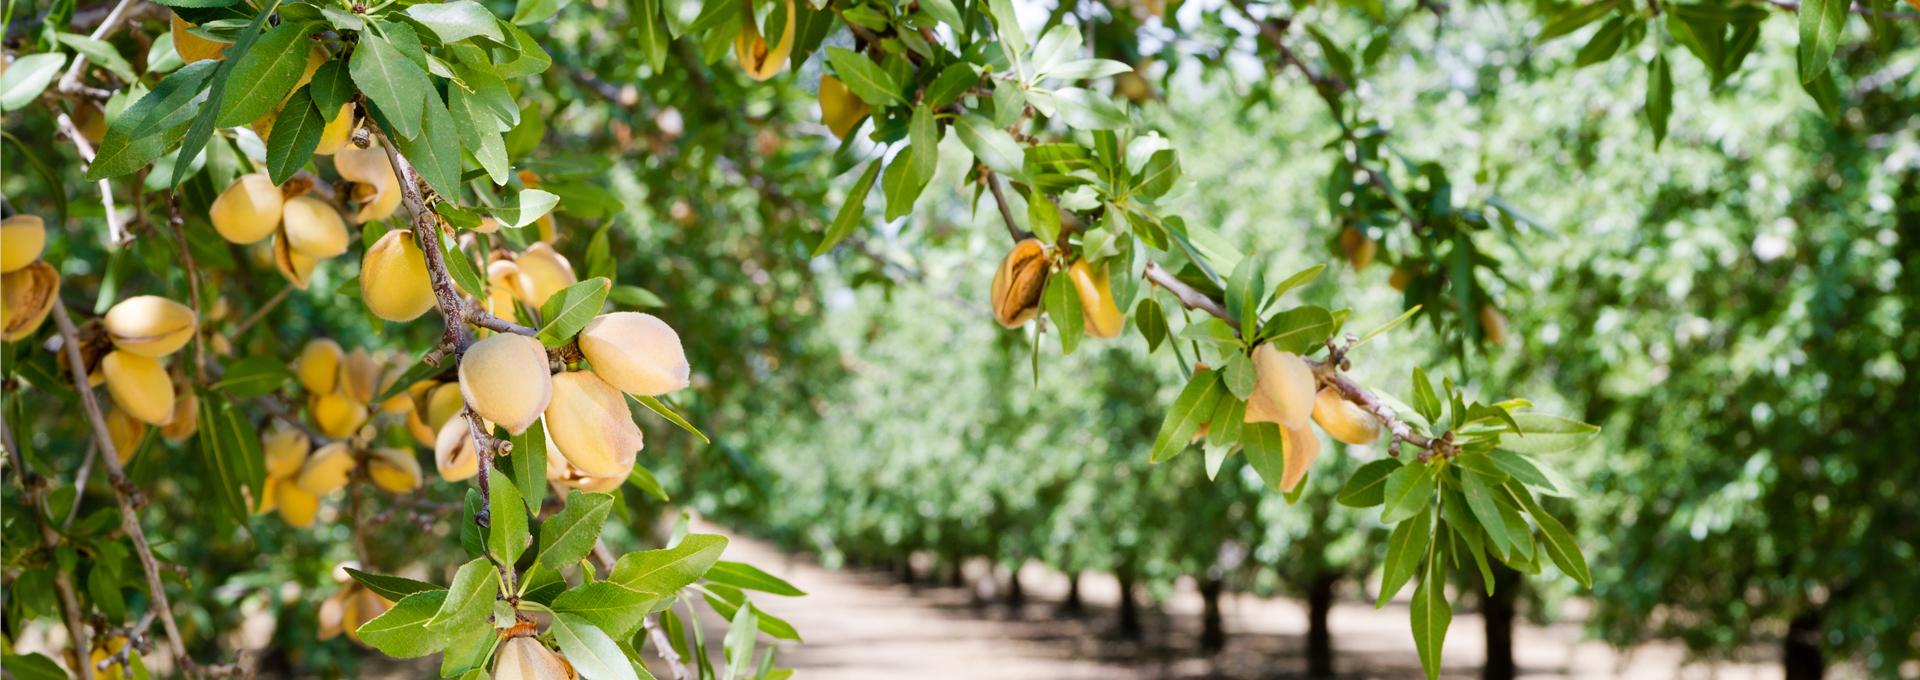 Fruits secs Jean-Louis BASSINET